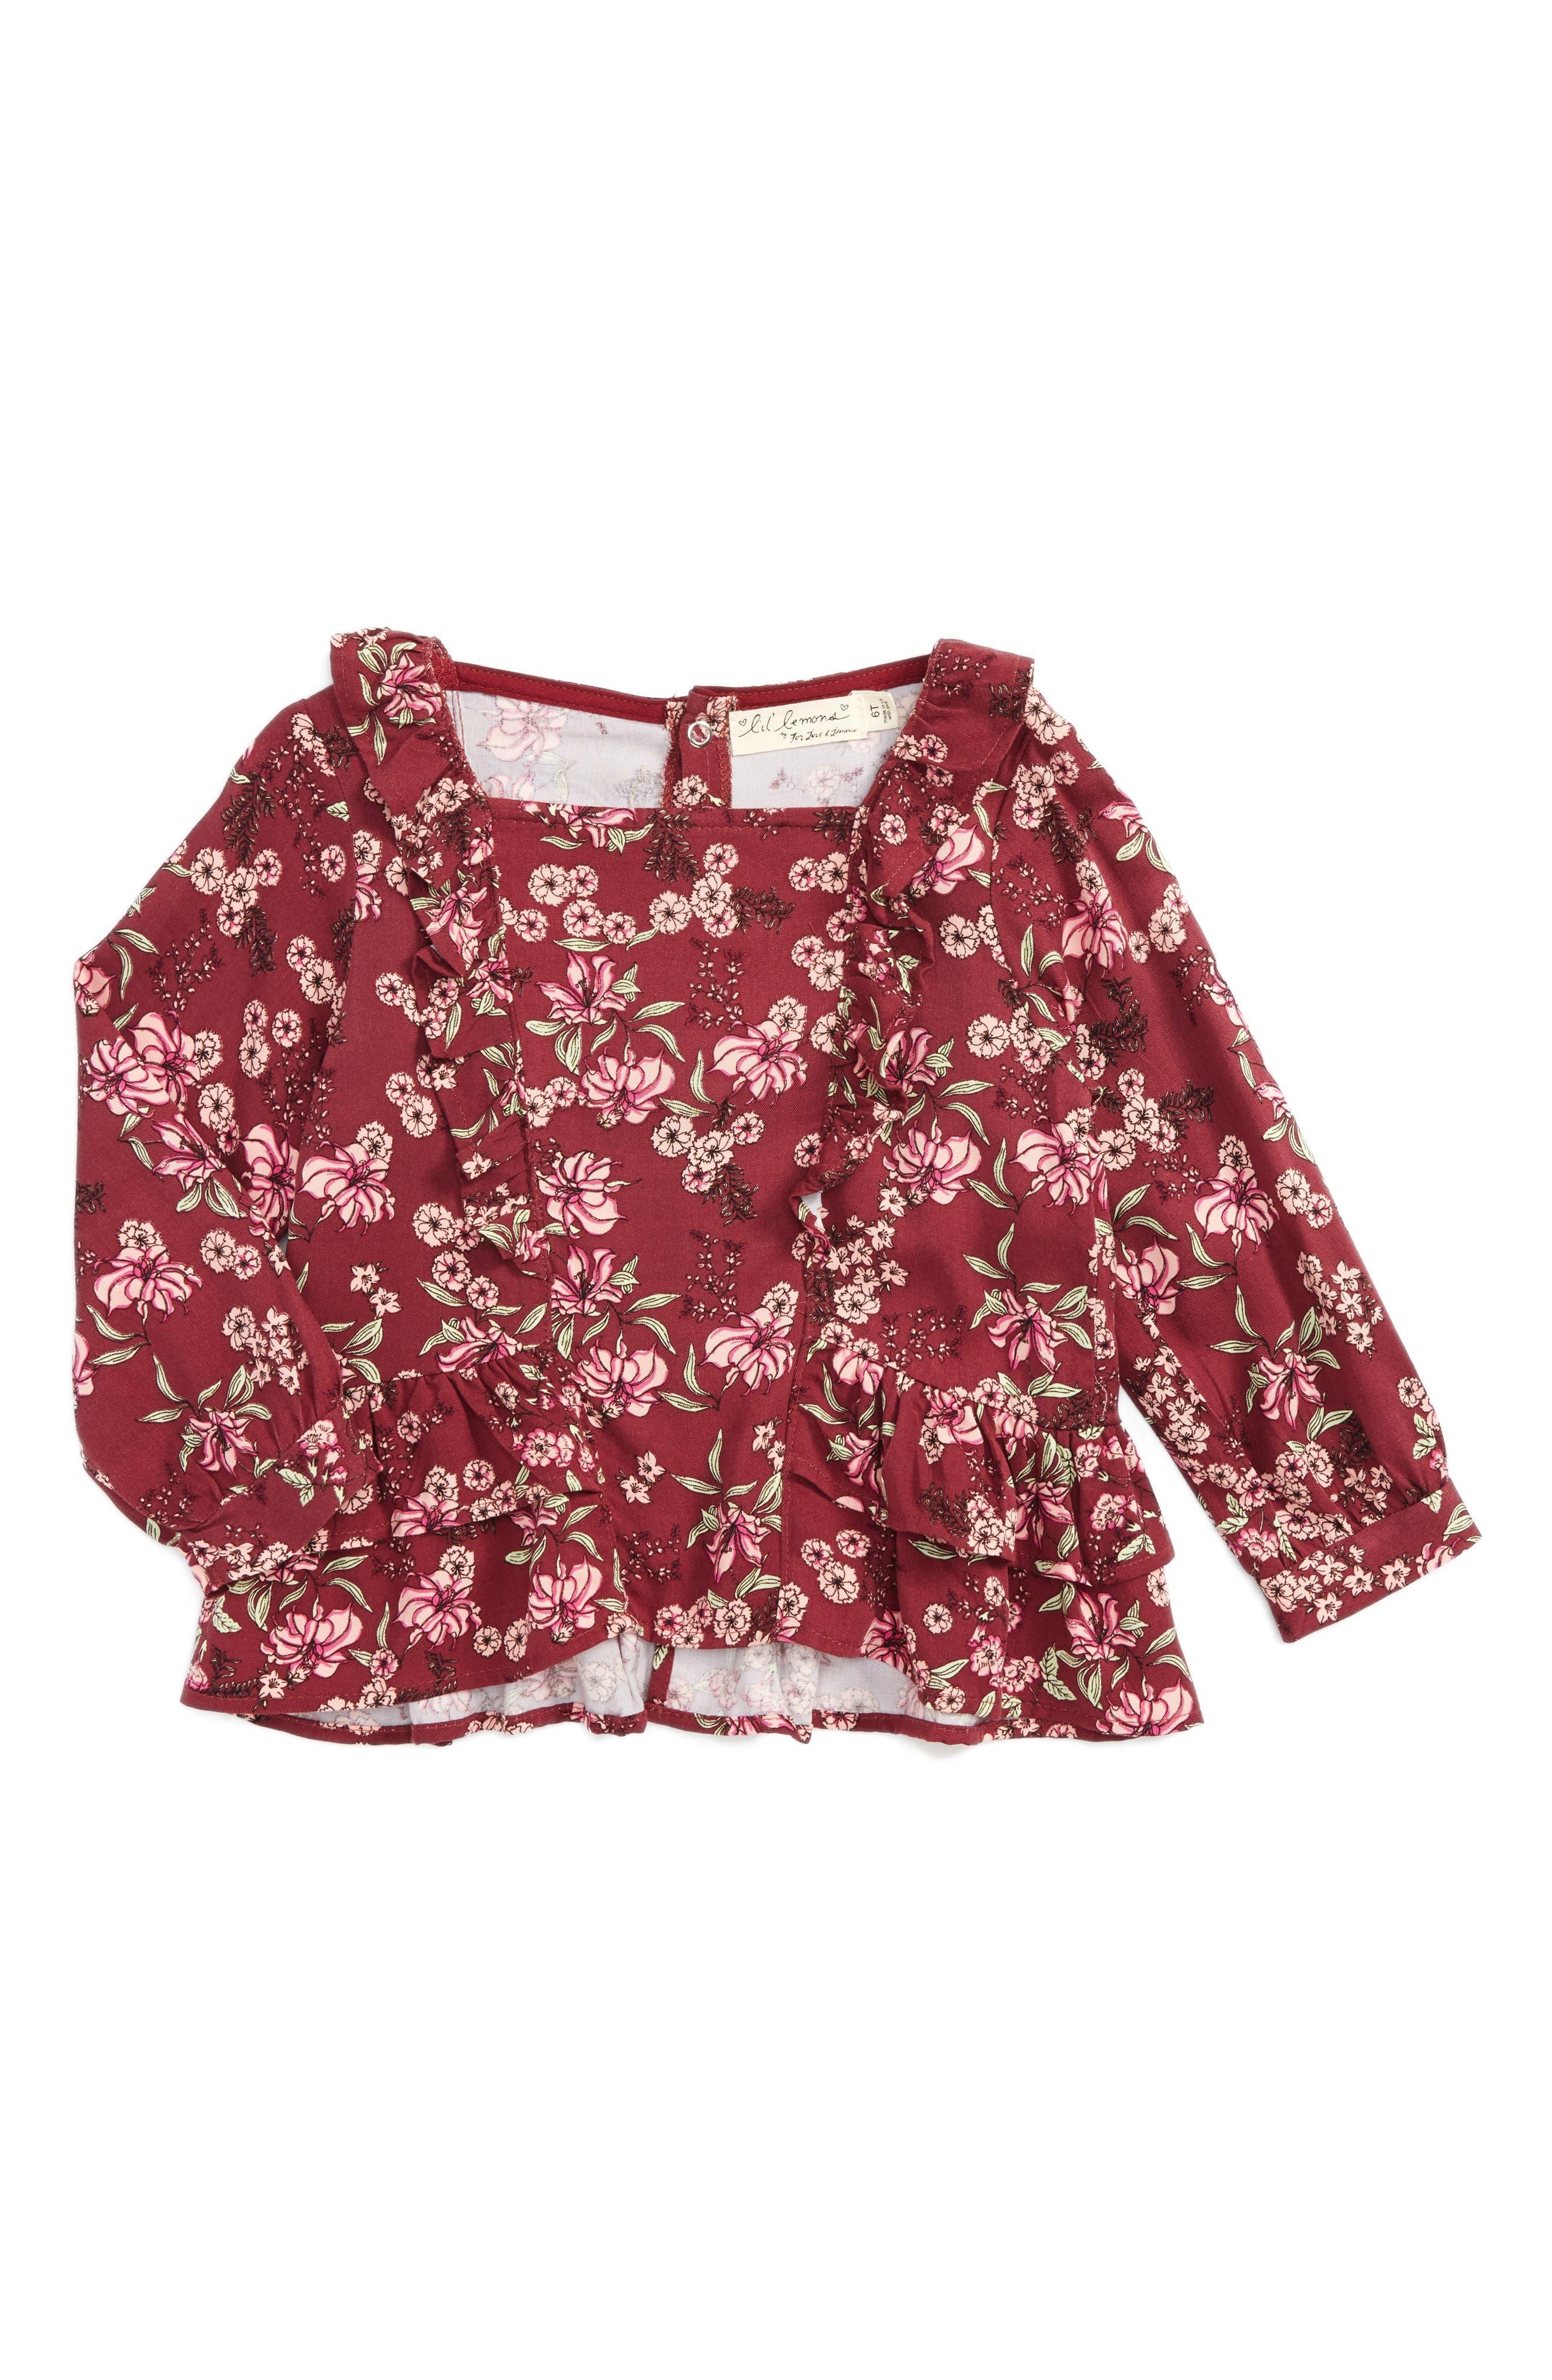 Main Image - Love For Lemons Juniper Floral Blouse (Toddler Girls & Little Girls)